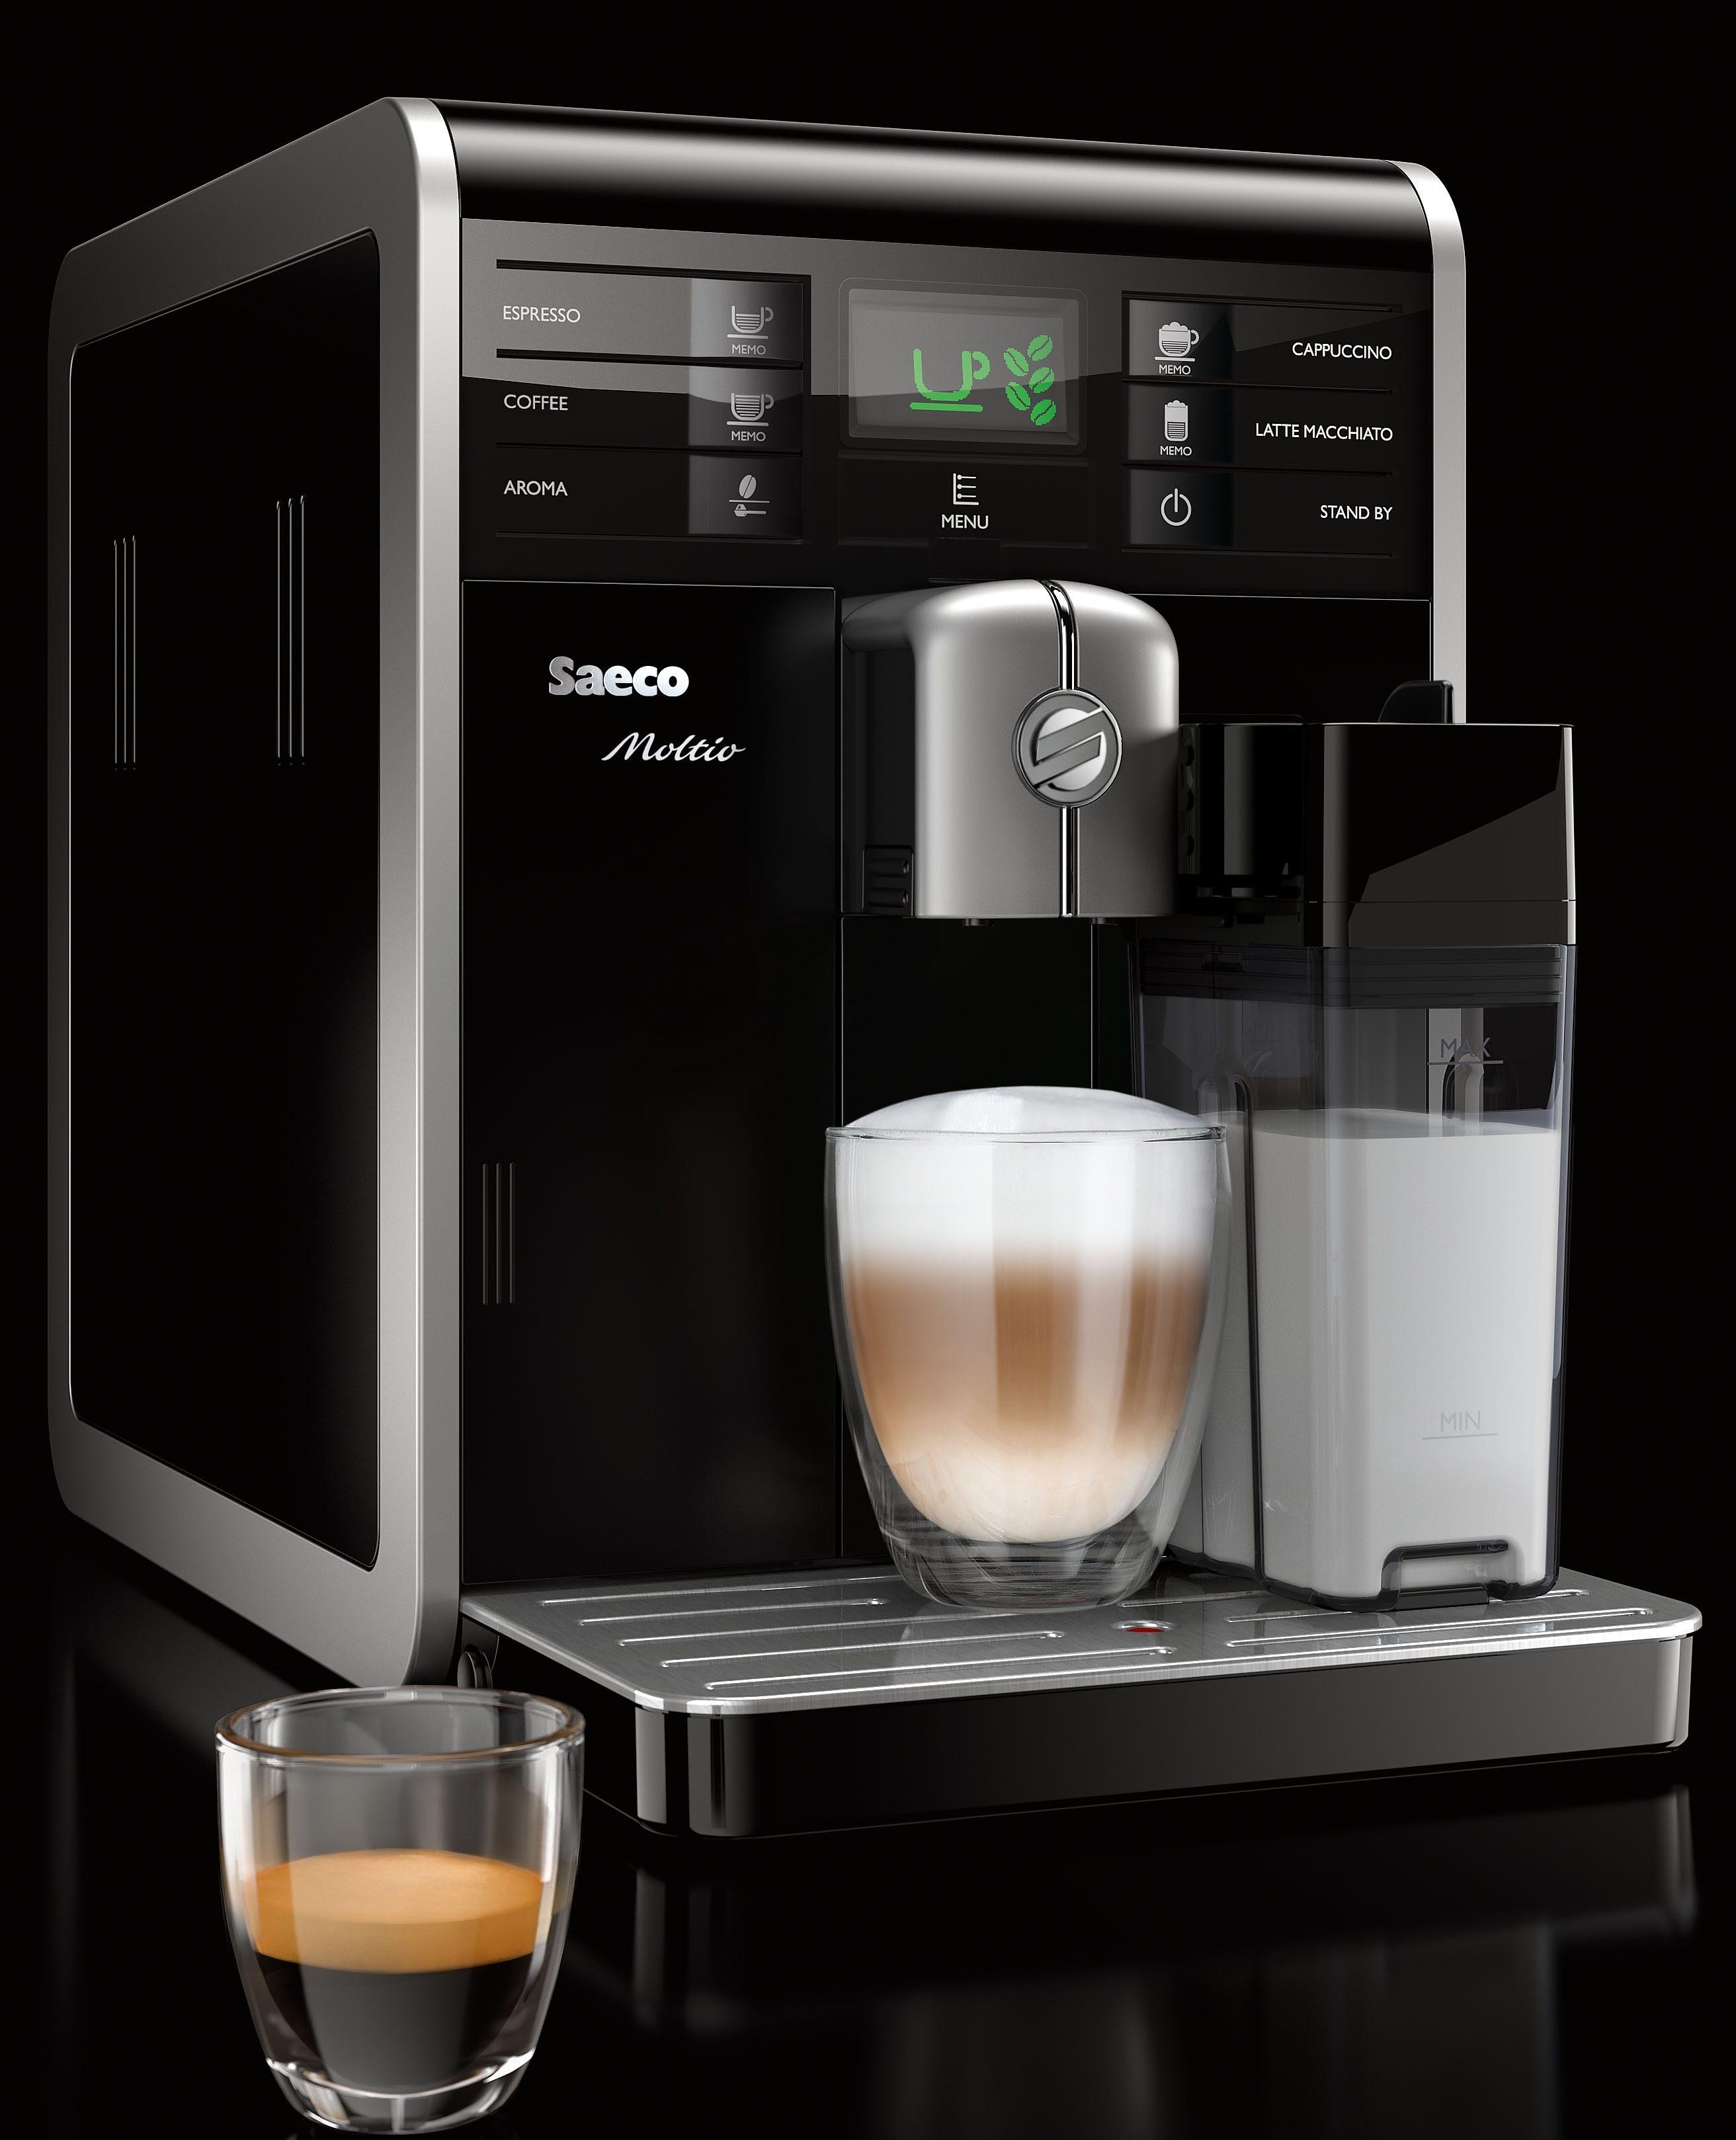 Saeco Kaffeevollautomat HD8769/01 Moltio One Touch, 1,9l Tank, Scheibenmahlwerk, mit integrierter Milchkaraffe